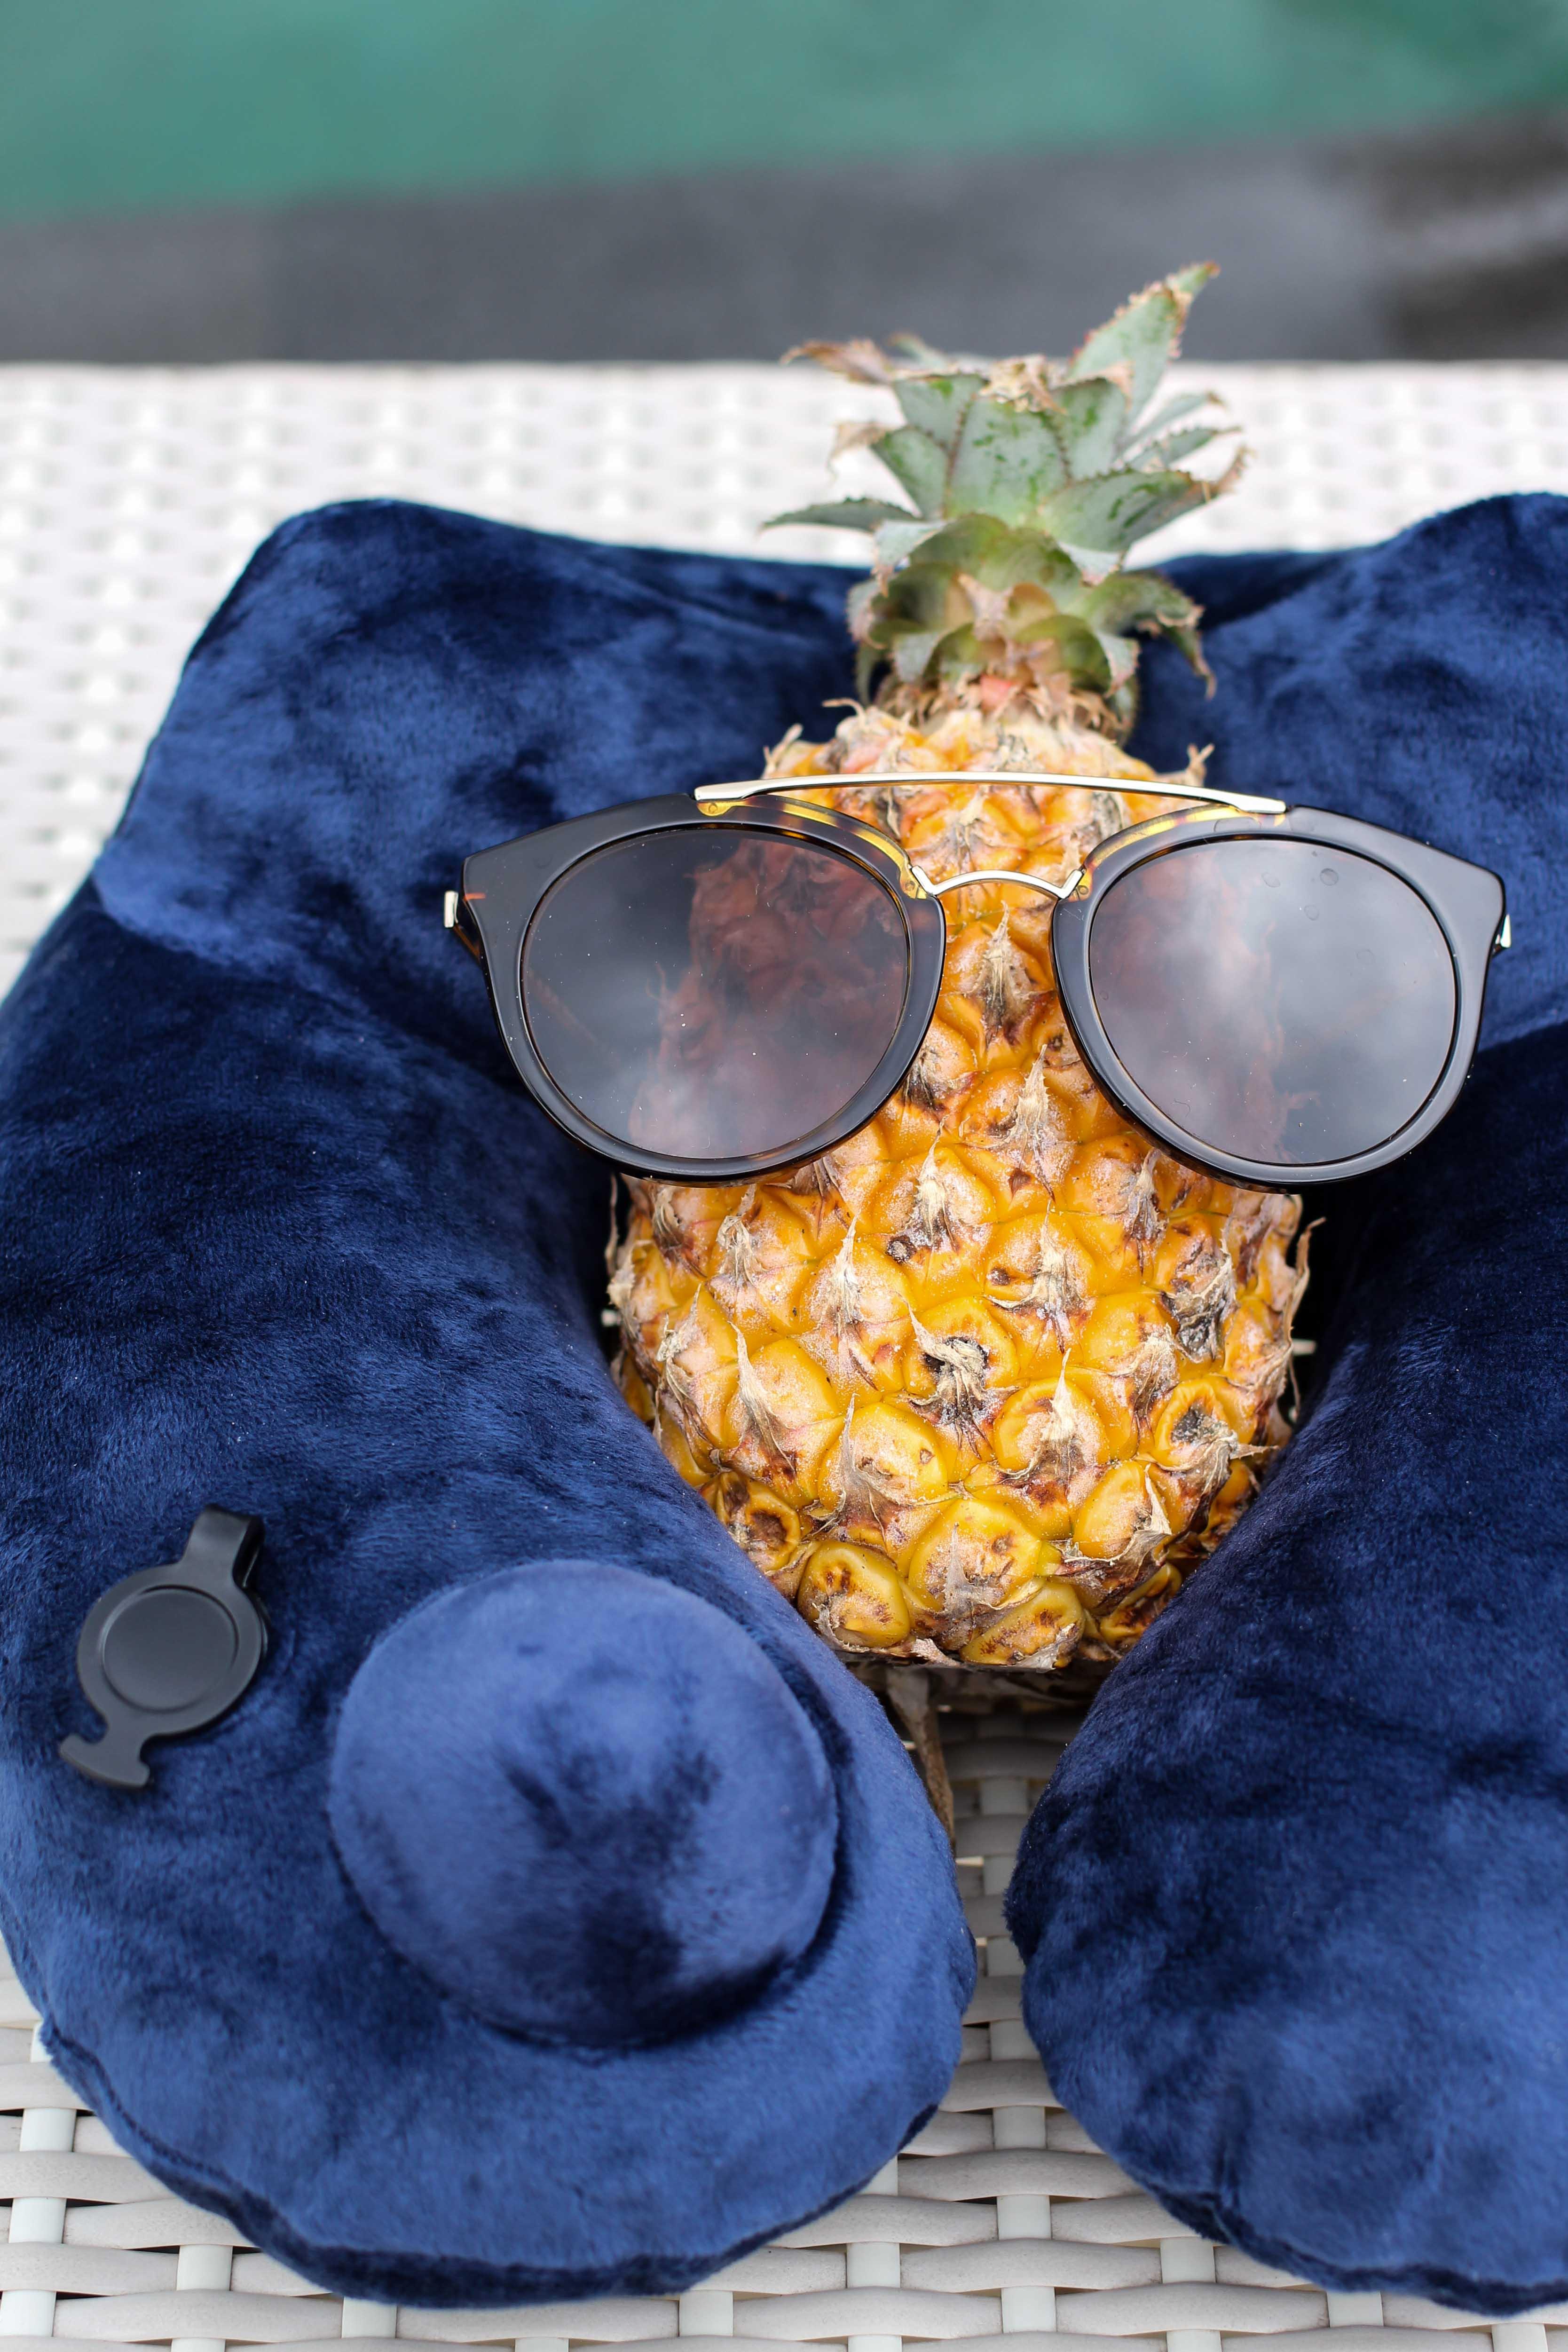 aufblasbare Nackenrolle Nackenkissen Tipps fürs Handgepäck bei Flugreisen Reiseblog BrinisFashionBook 2